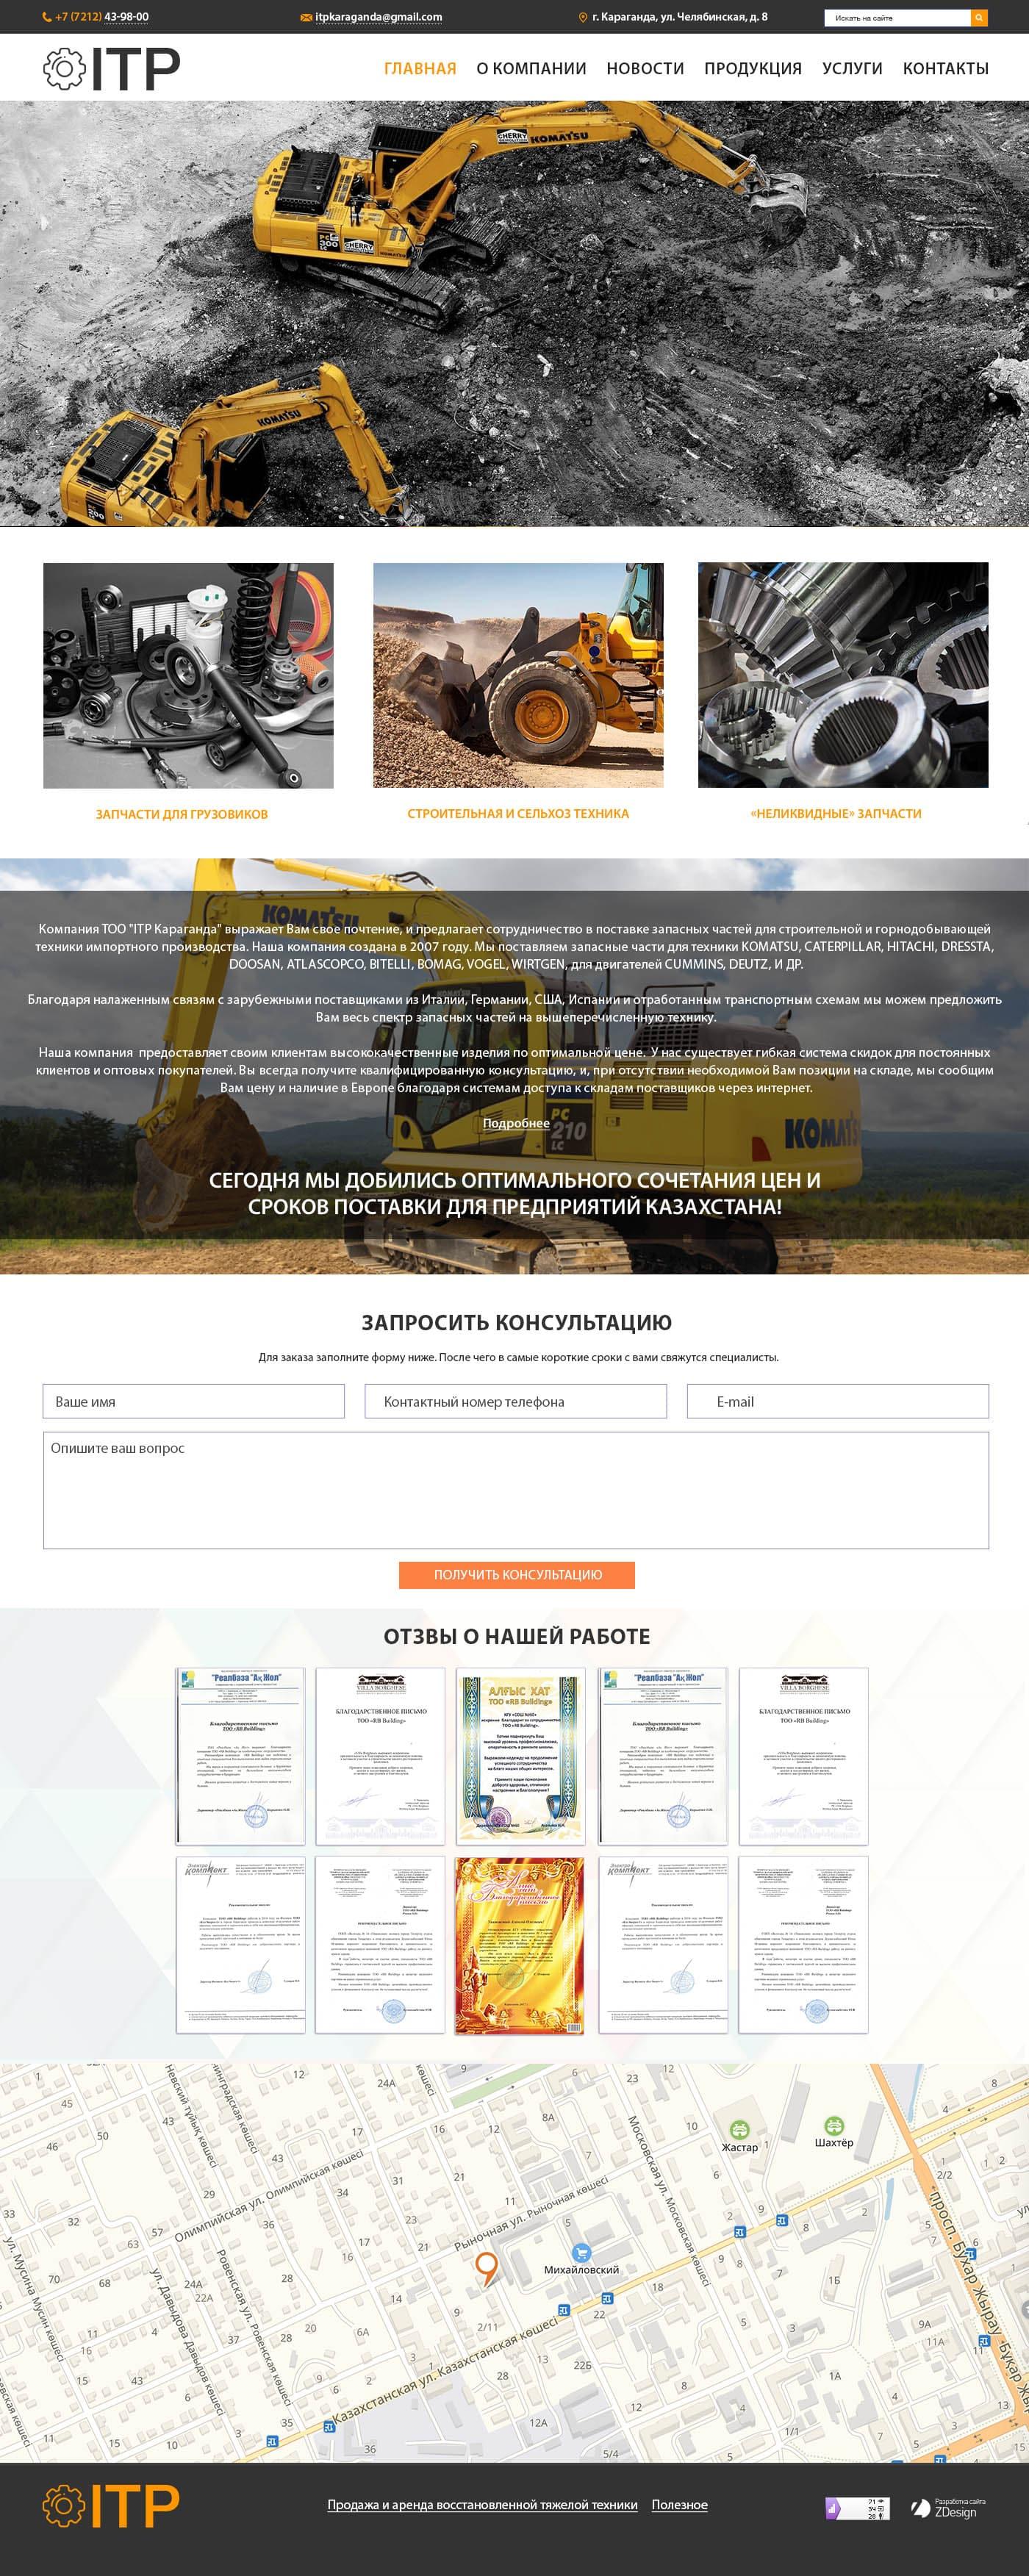 Разработка сайта запчастей для спец. техники в Караганде